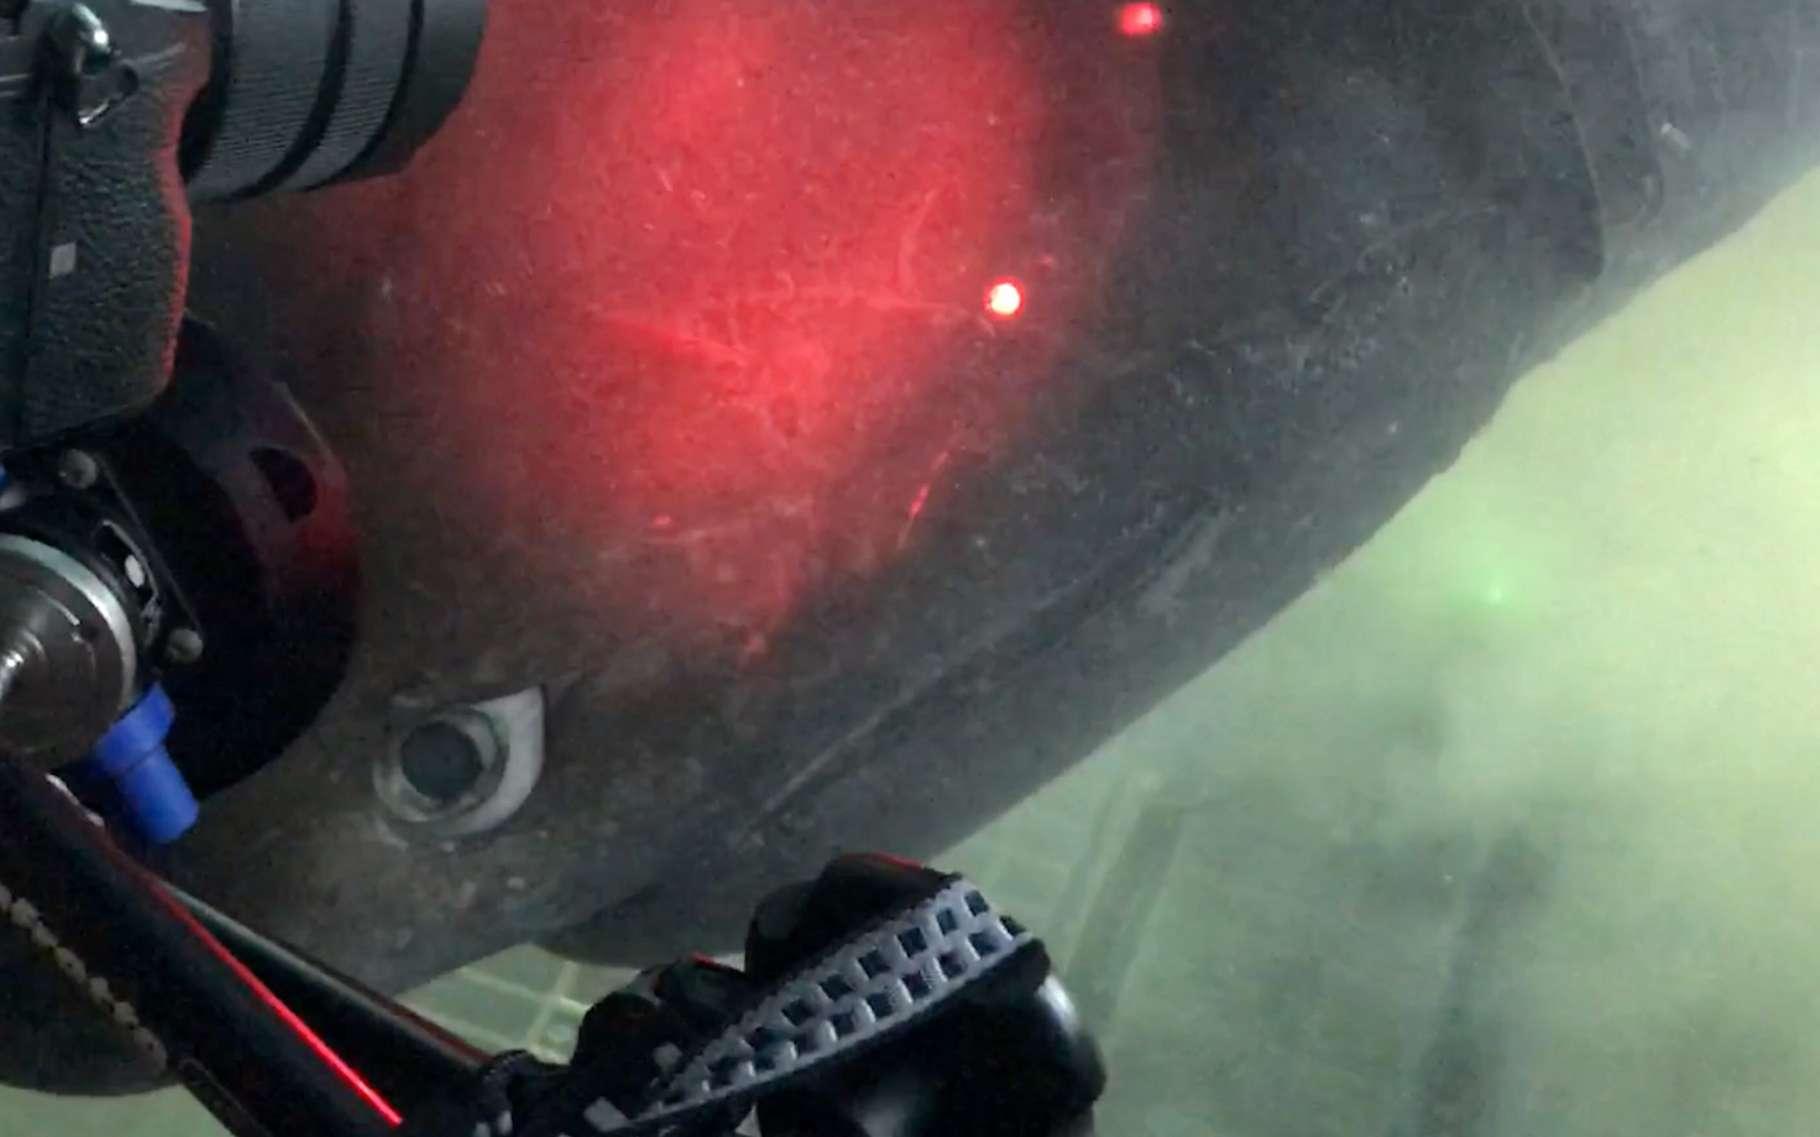 Le dernier plongeon de l'expédition menée par des chercheurs de l'université de l'État de Floride (États-Unis) a été l'occasion d'une rencontre rapprochée avec une imposante femelle requin-griset © Gavin Naylor, Florida Museum